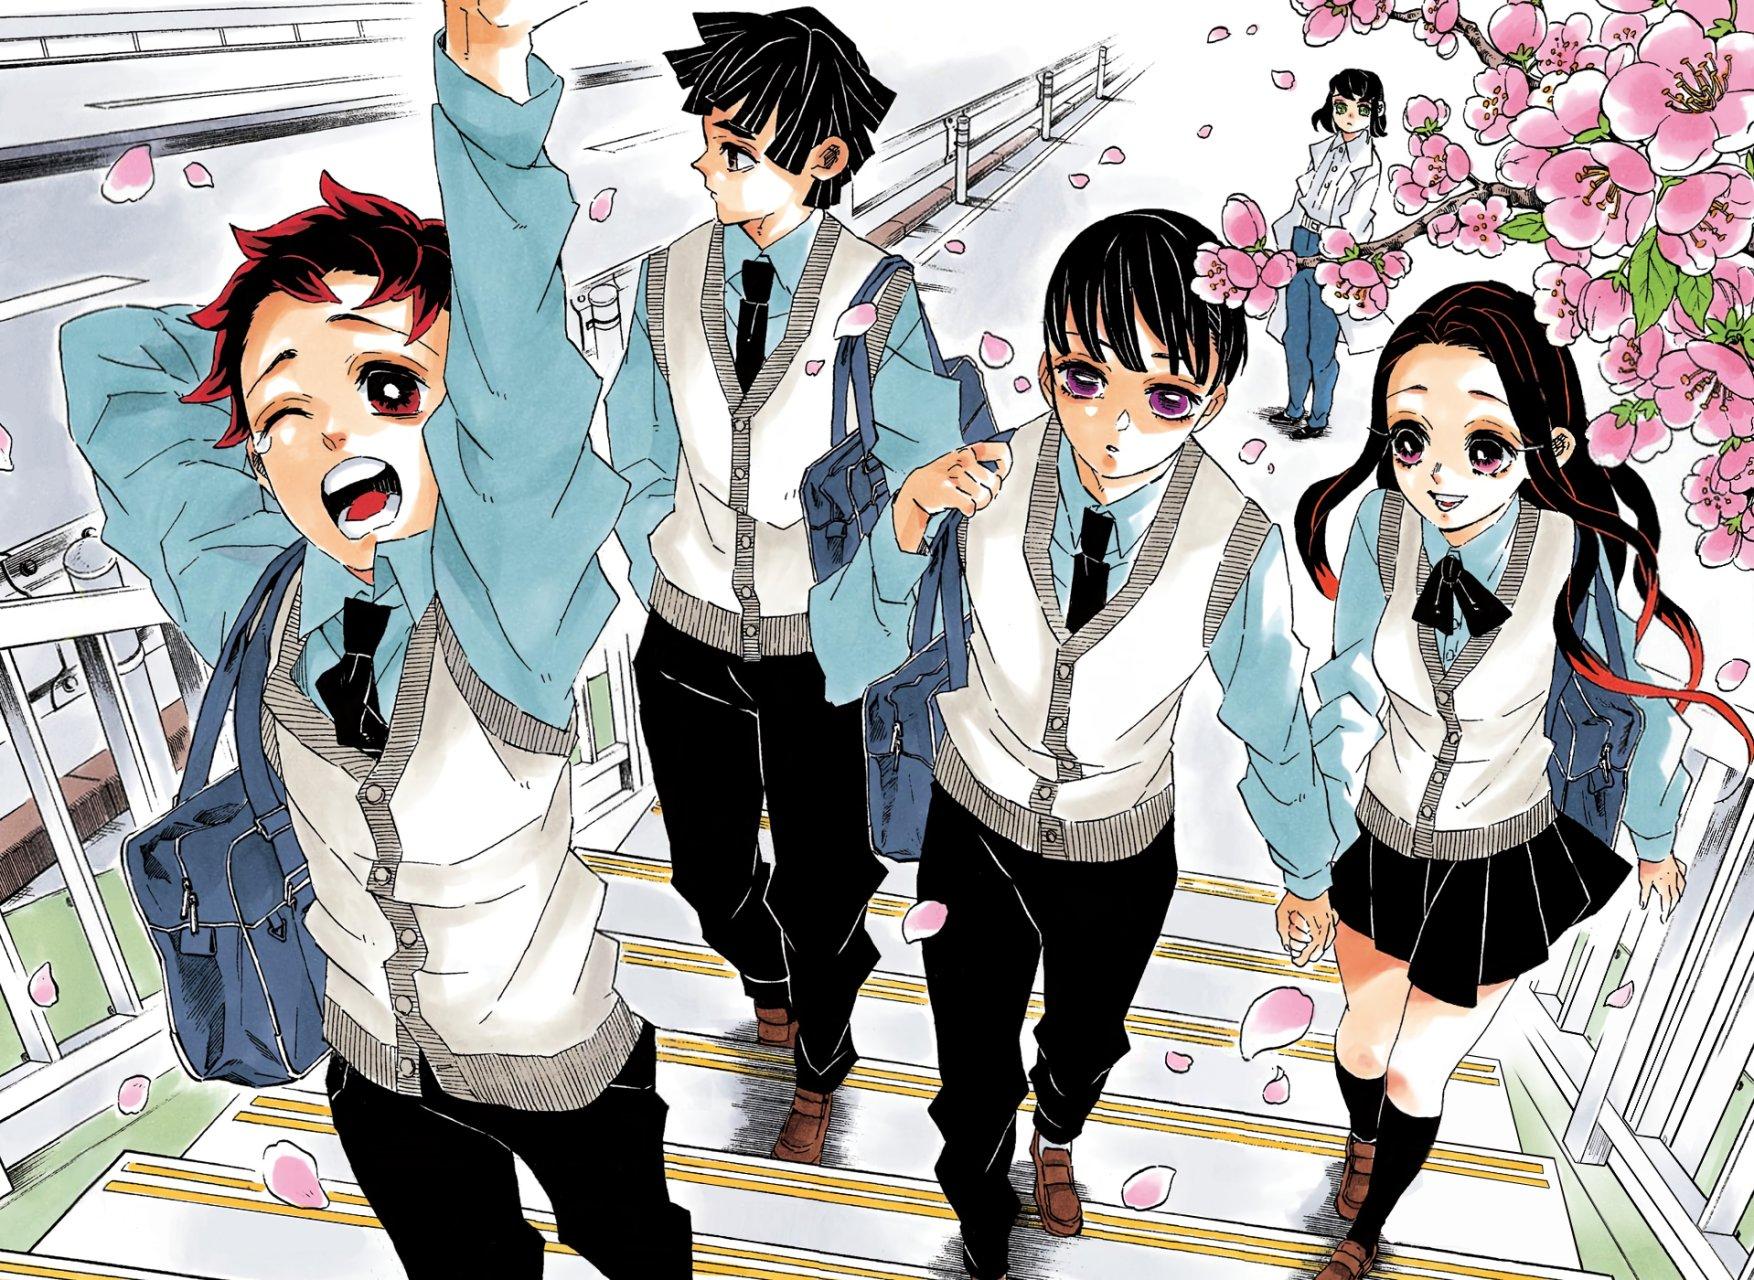 https://nine.mangadogs.com/es_manga/pic8/3/19331/946720/02b4ec8cbcb99b815202dfbd32efc2ef.jpg Page 4